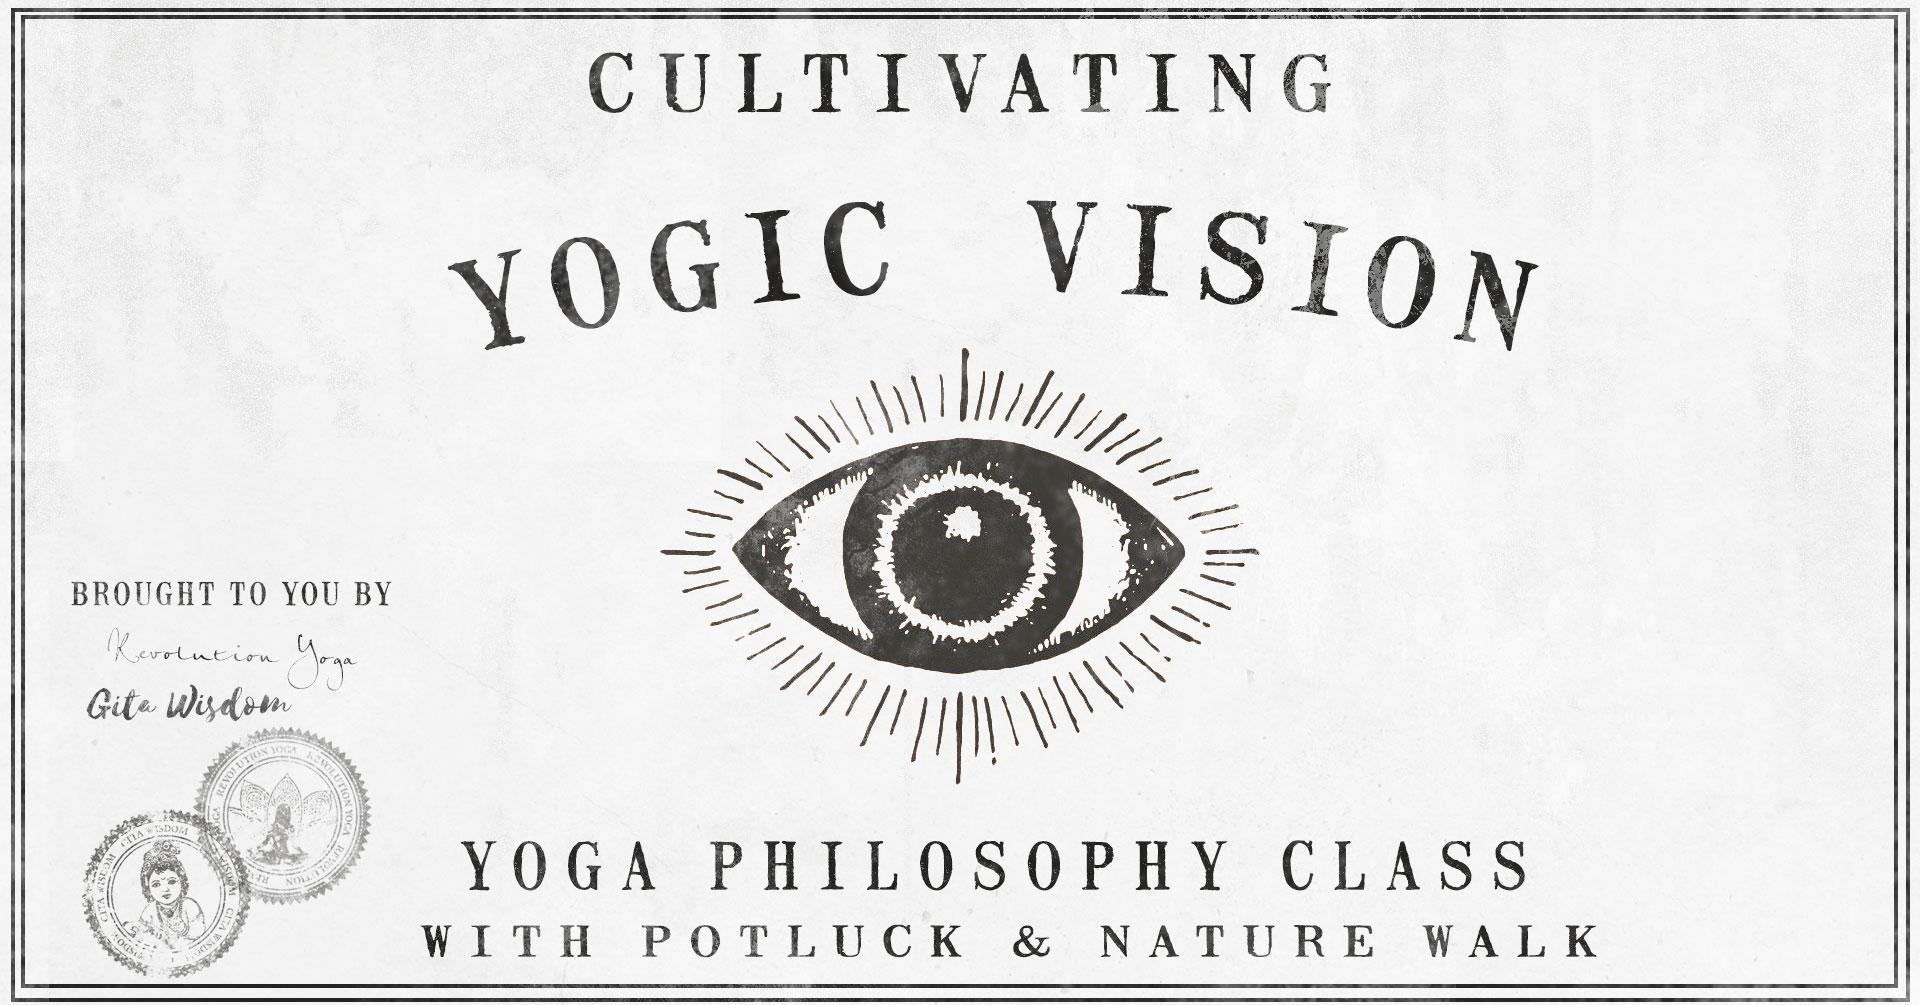 Cultivating Yogic Vision workshop